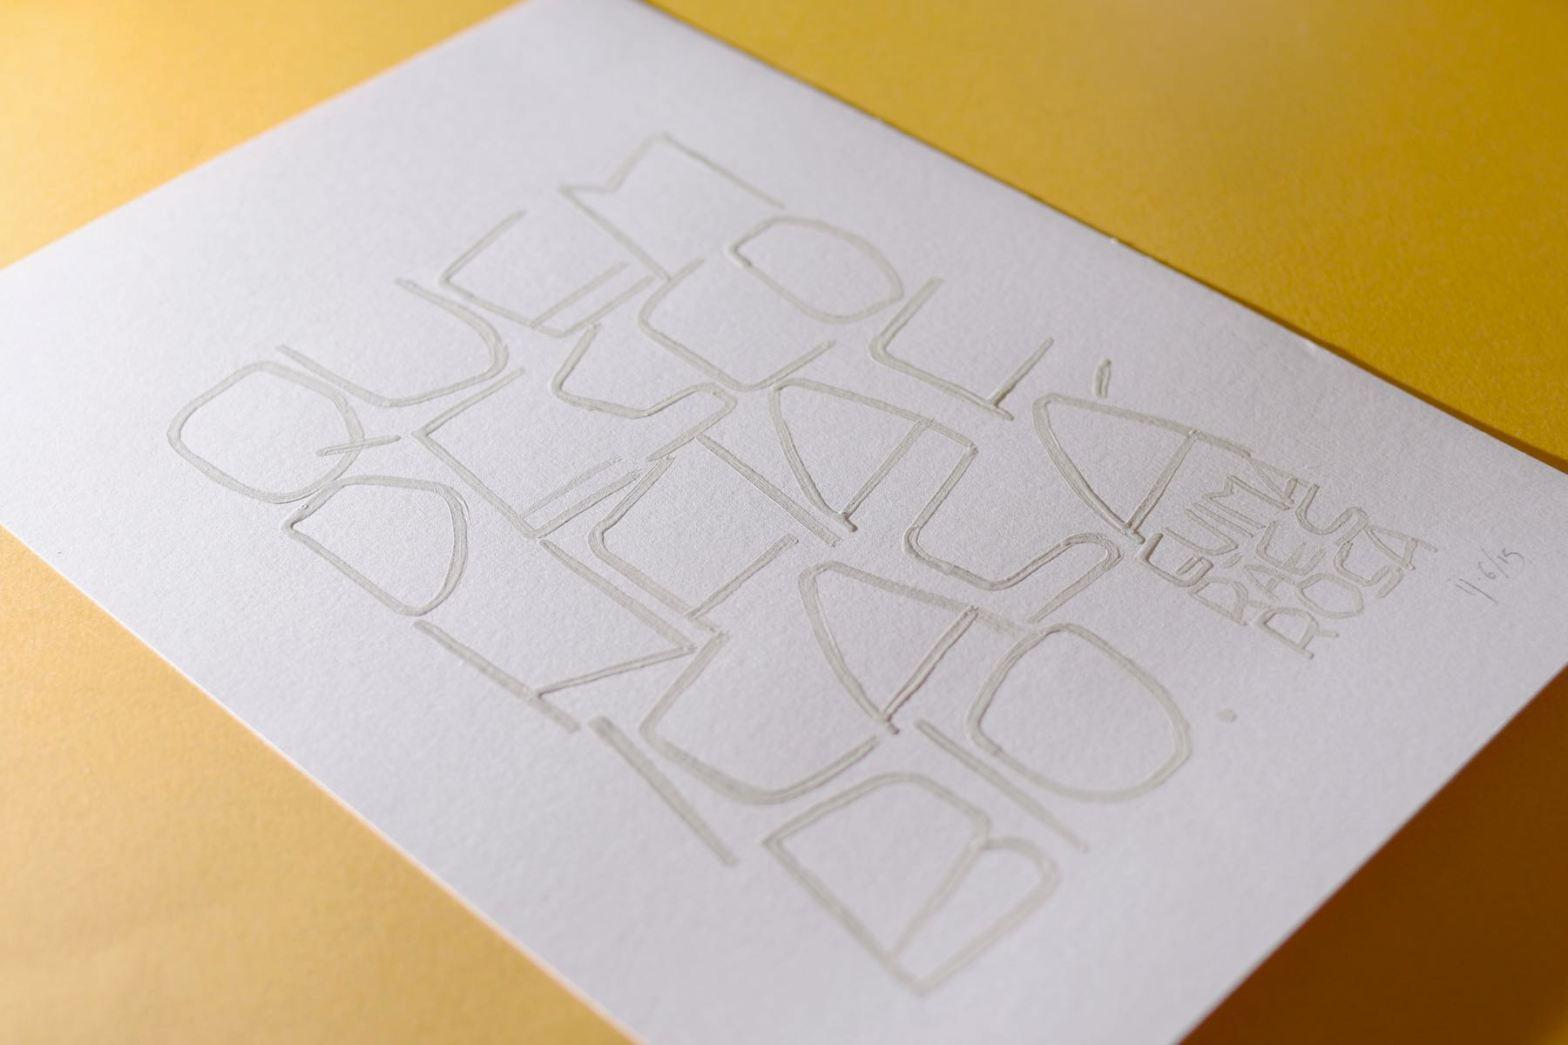 Trabalho de caligrafia com letras maiúsculas a pincel, em tinta guache branca sobre papel branco